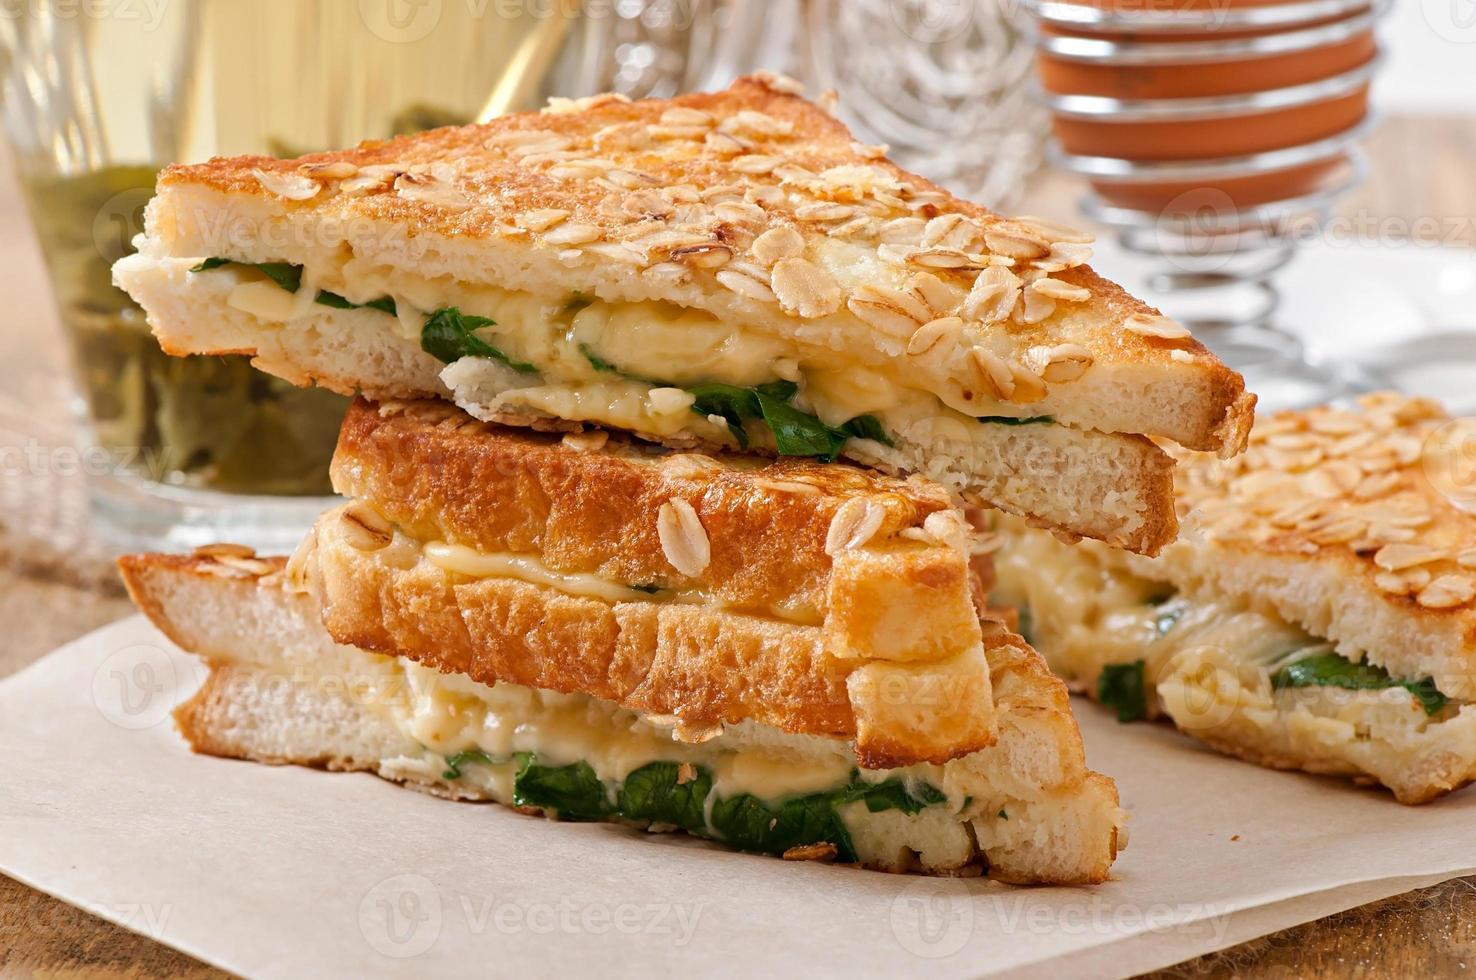 warme toast met kaas en spinazie als ontbijt foto